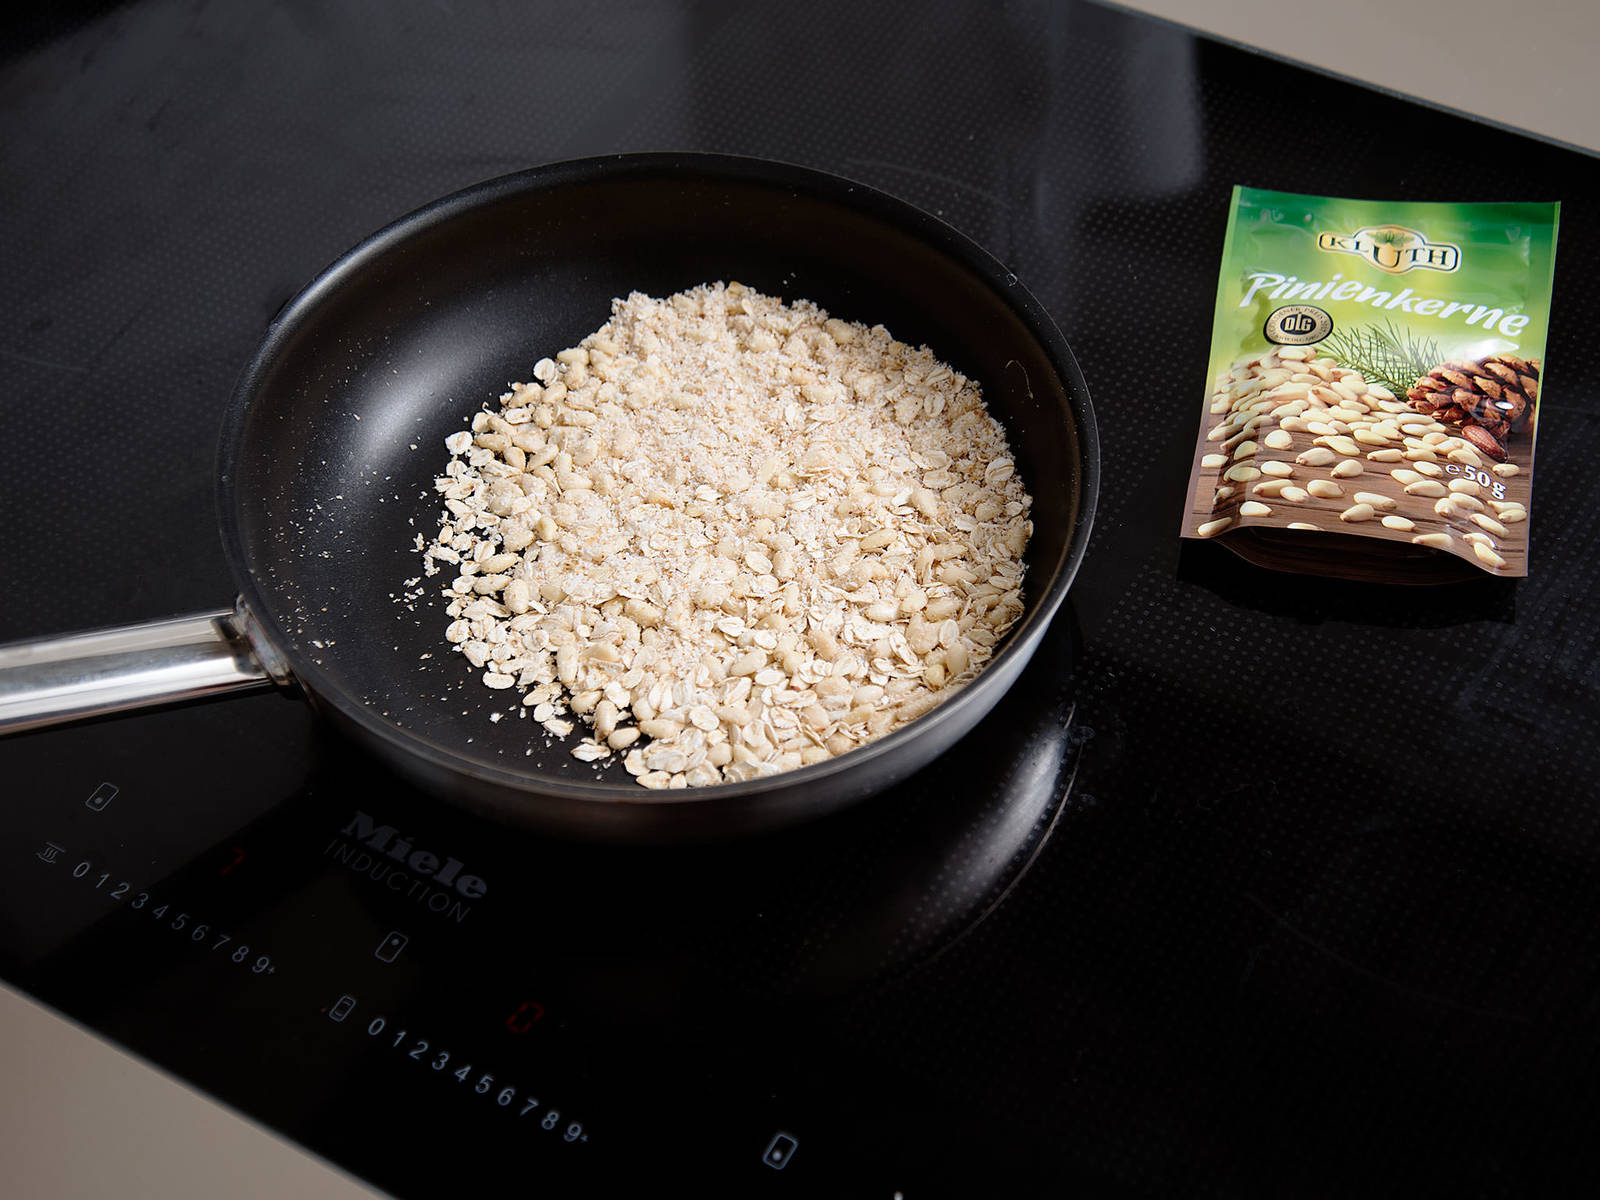 Pinienkerne, Haferflocken und Kokosraspeln in einer Pfanne goldbraun rösten. Butter und Ahornsirup dazugeben, vermengen und köcheln lassen. Pfanne vom Herd nehmen und abkühlen lassen.